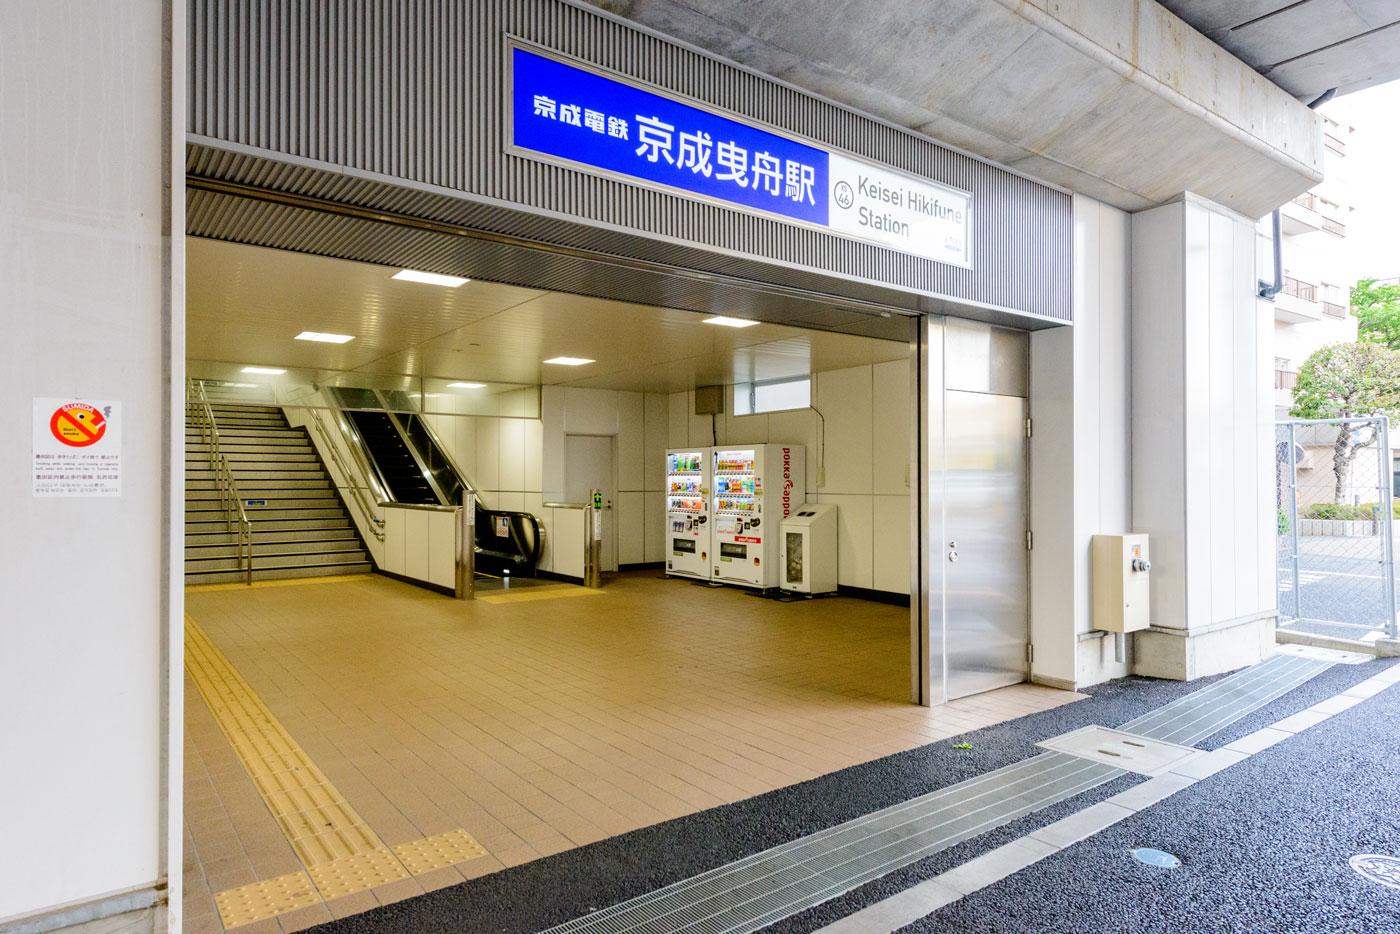 「京成曳舟」駅1(文化センター側)